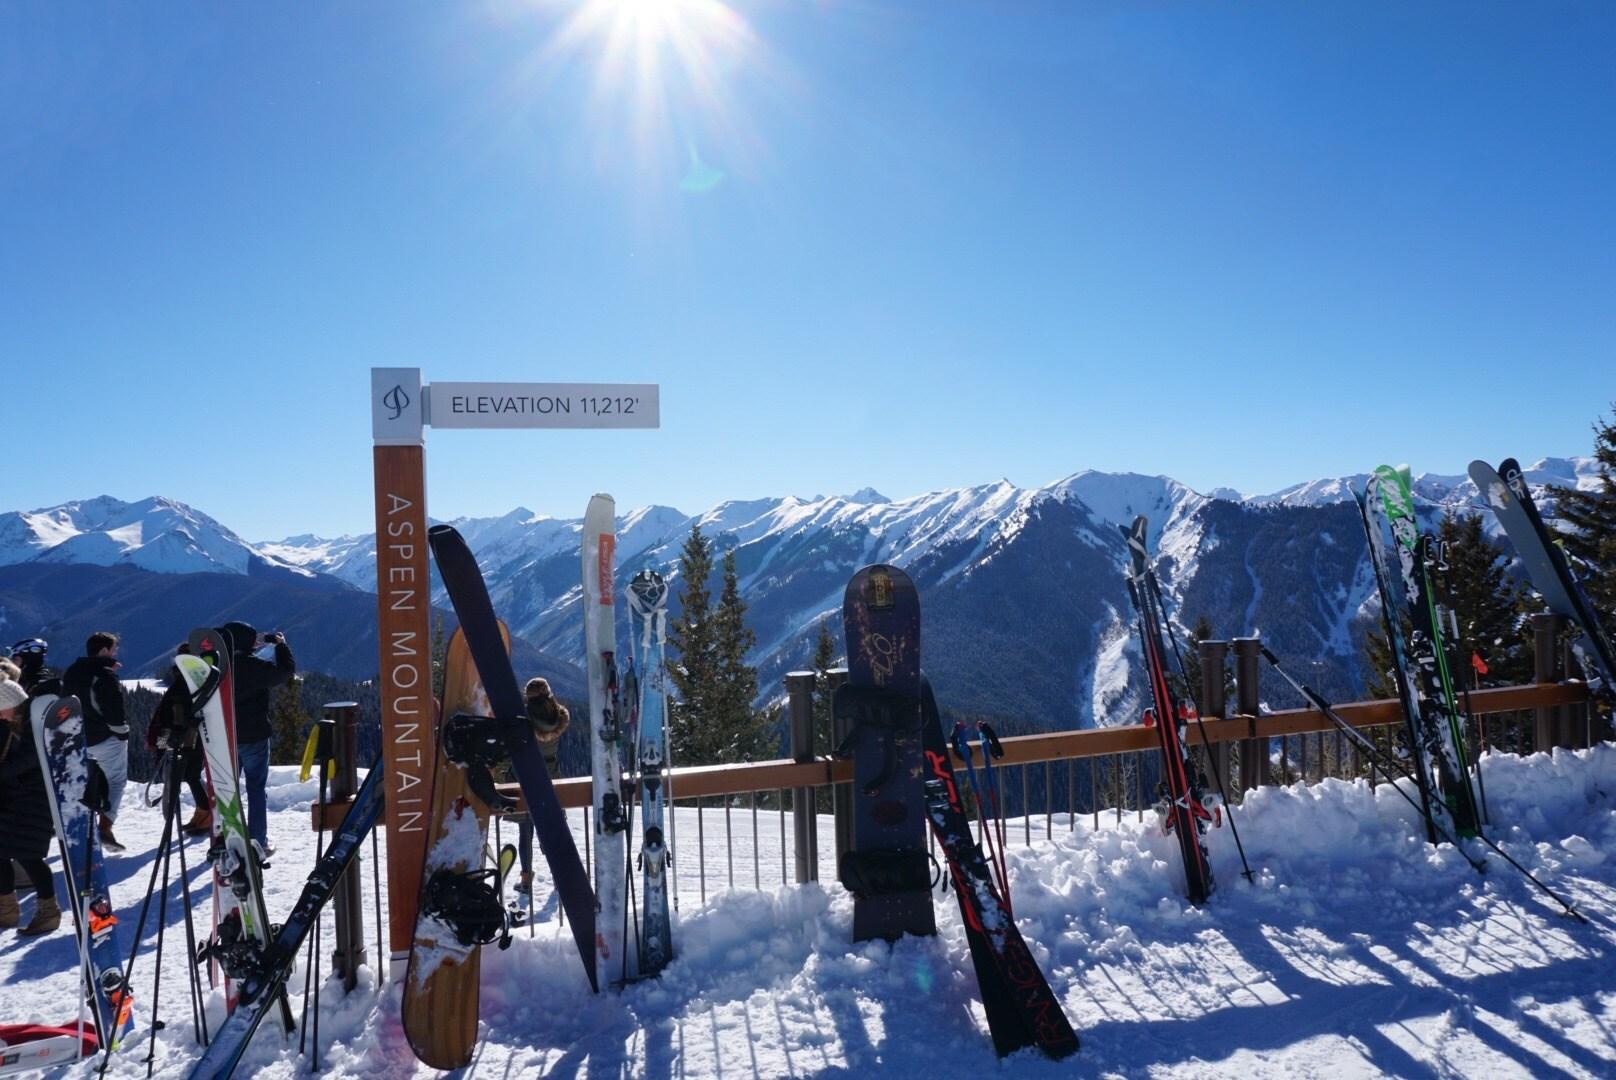 Aspen mountain top views